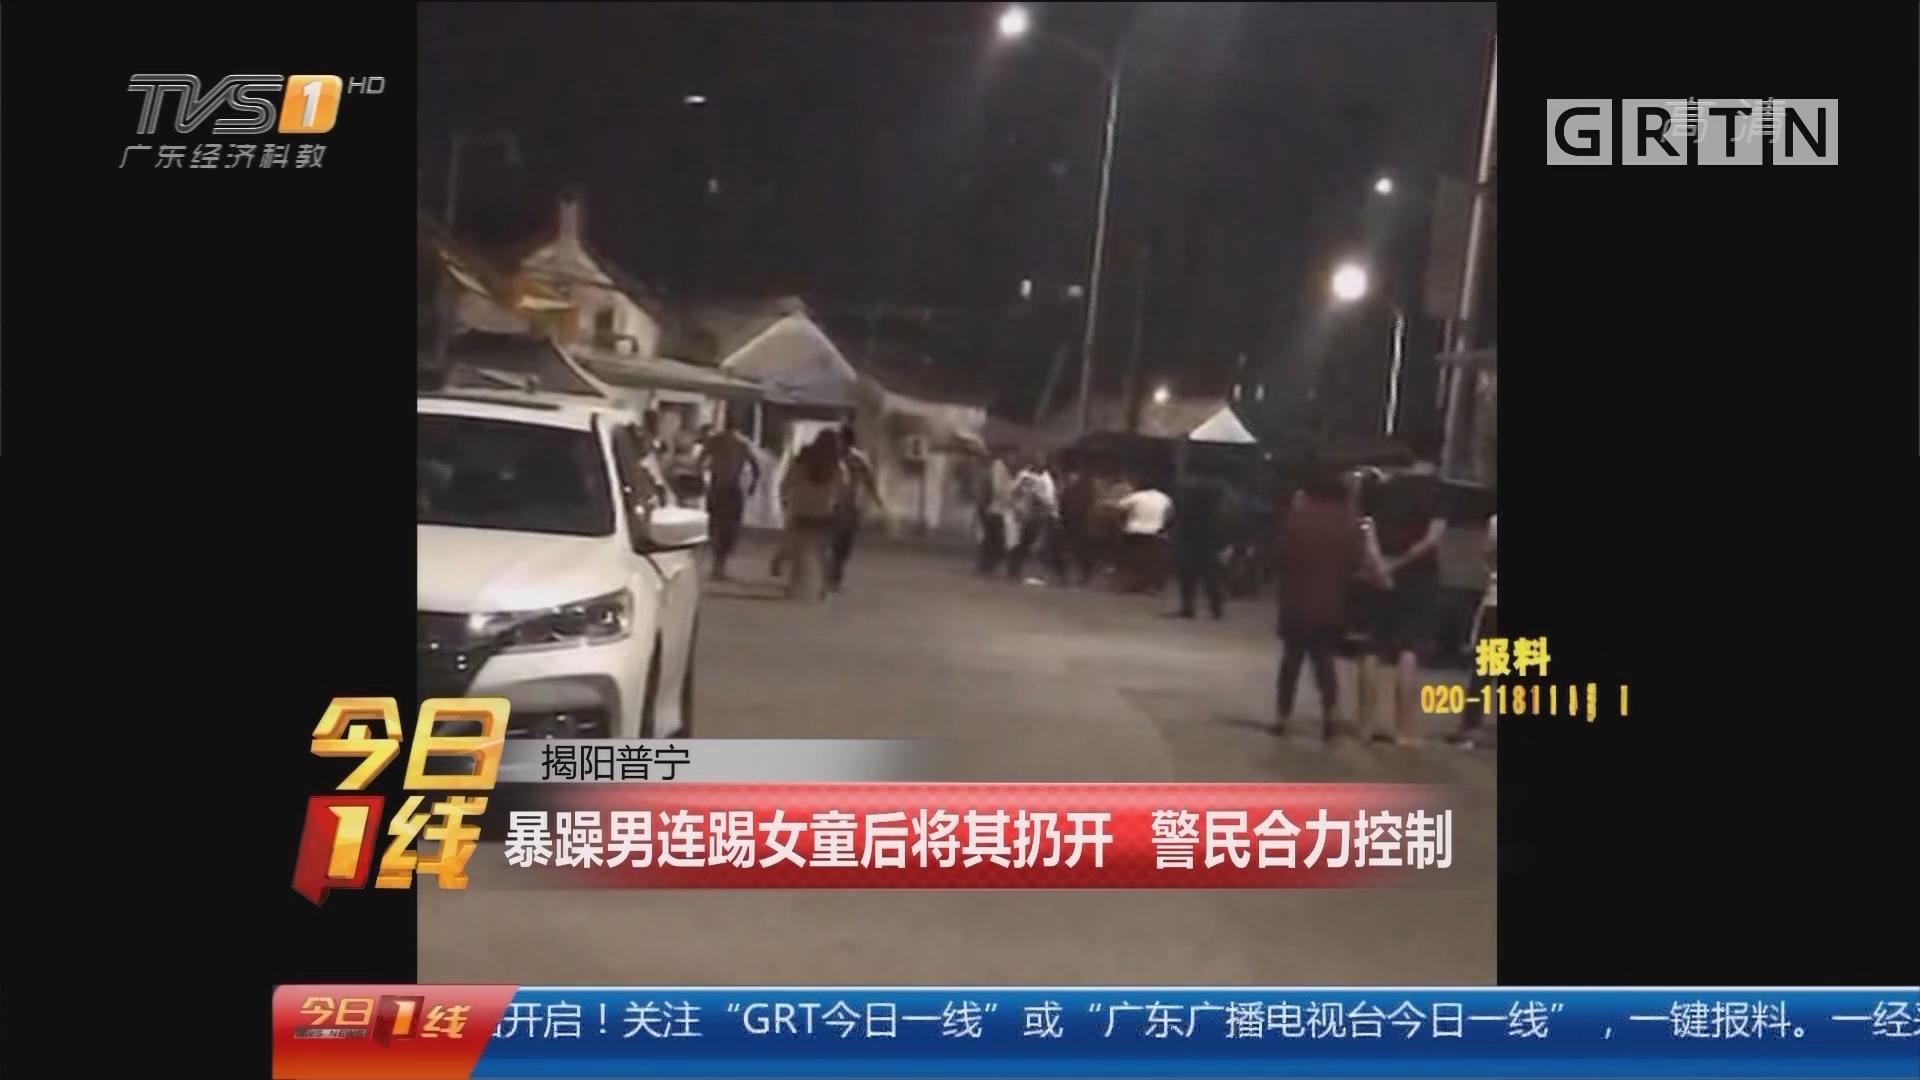 揭阳普宁:暴躁男连踢女童后将其扔开 警民合力控制